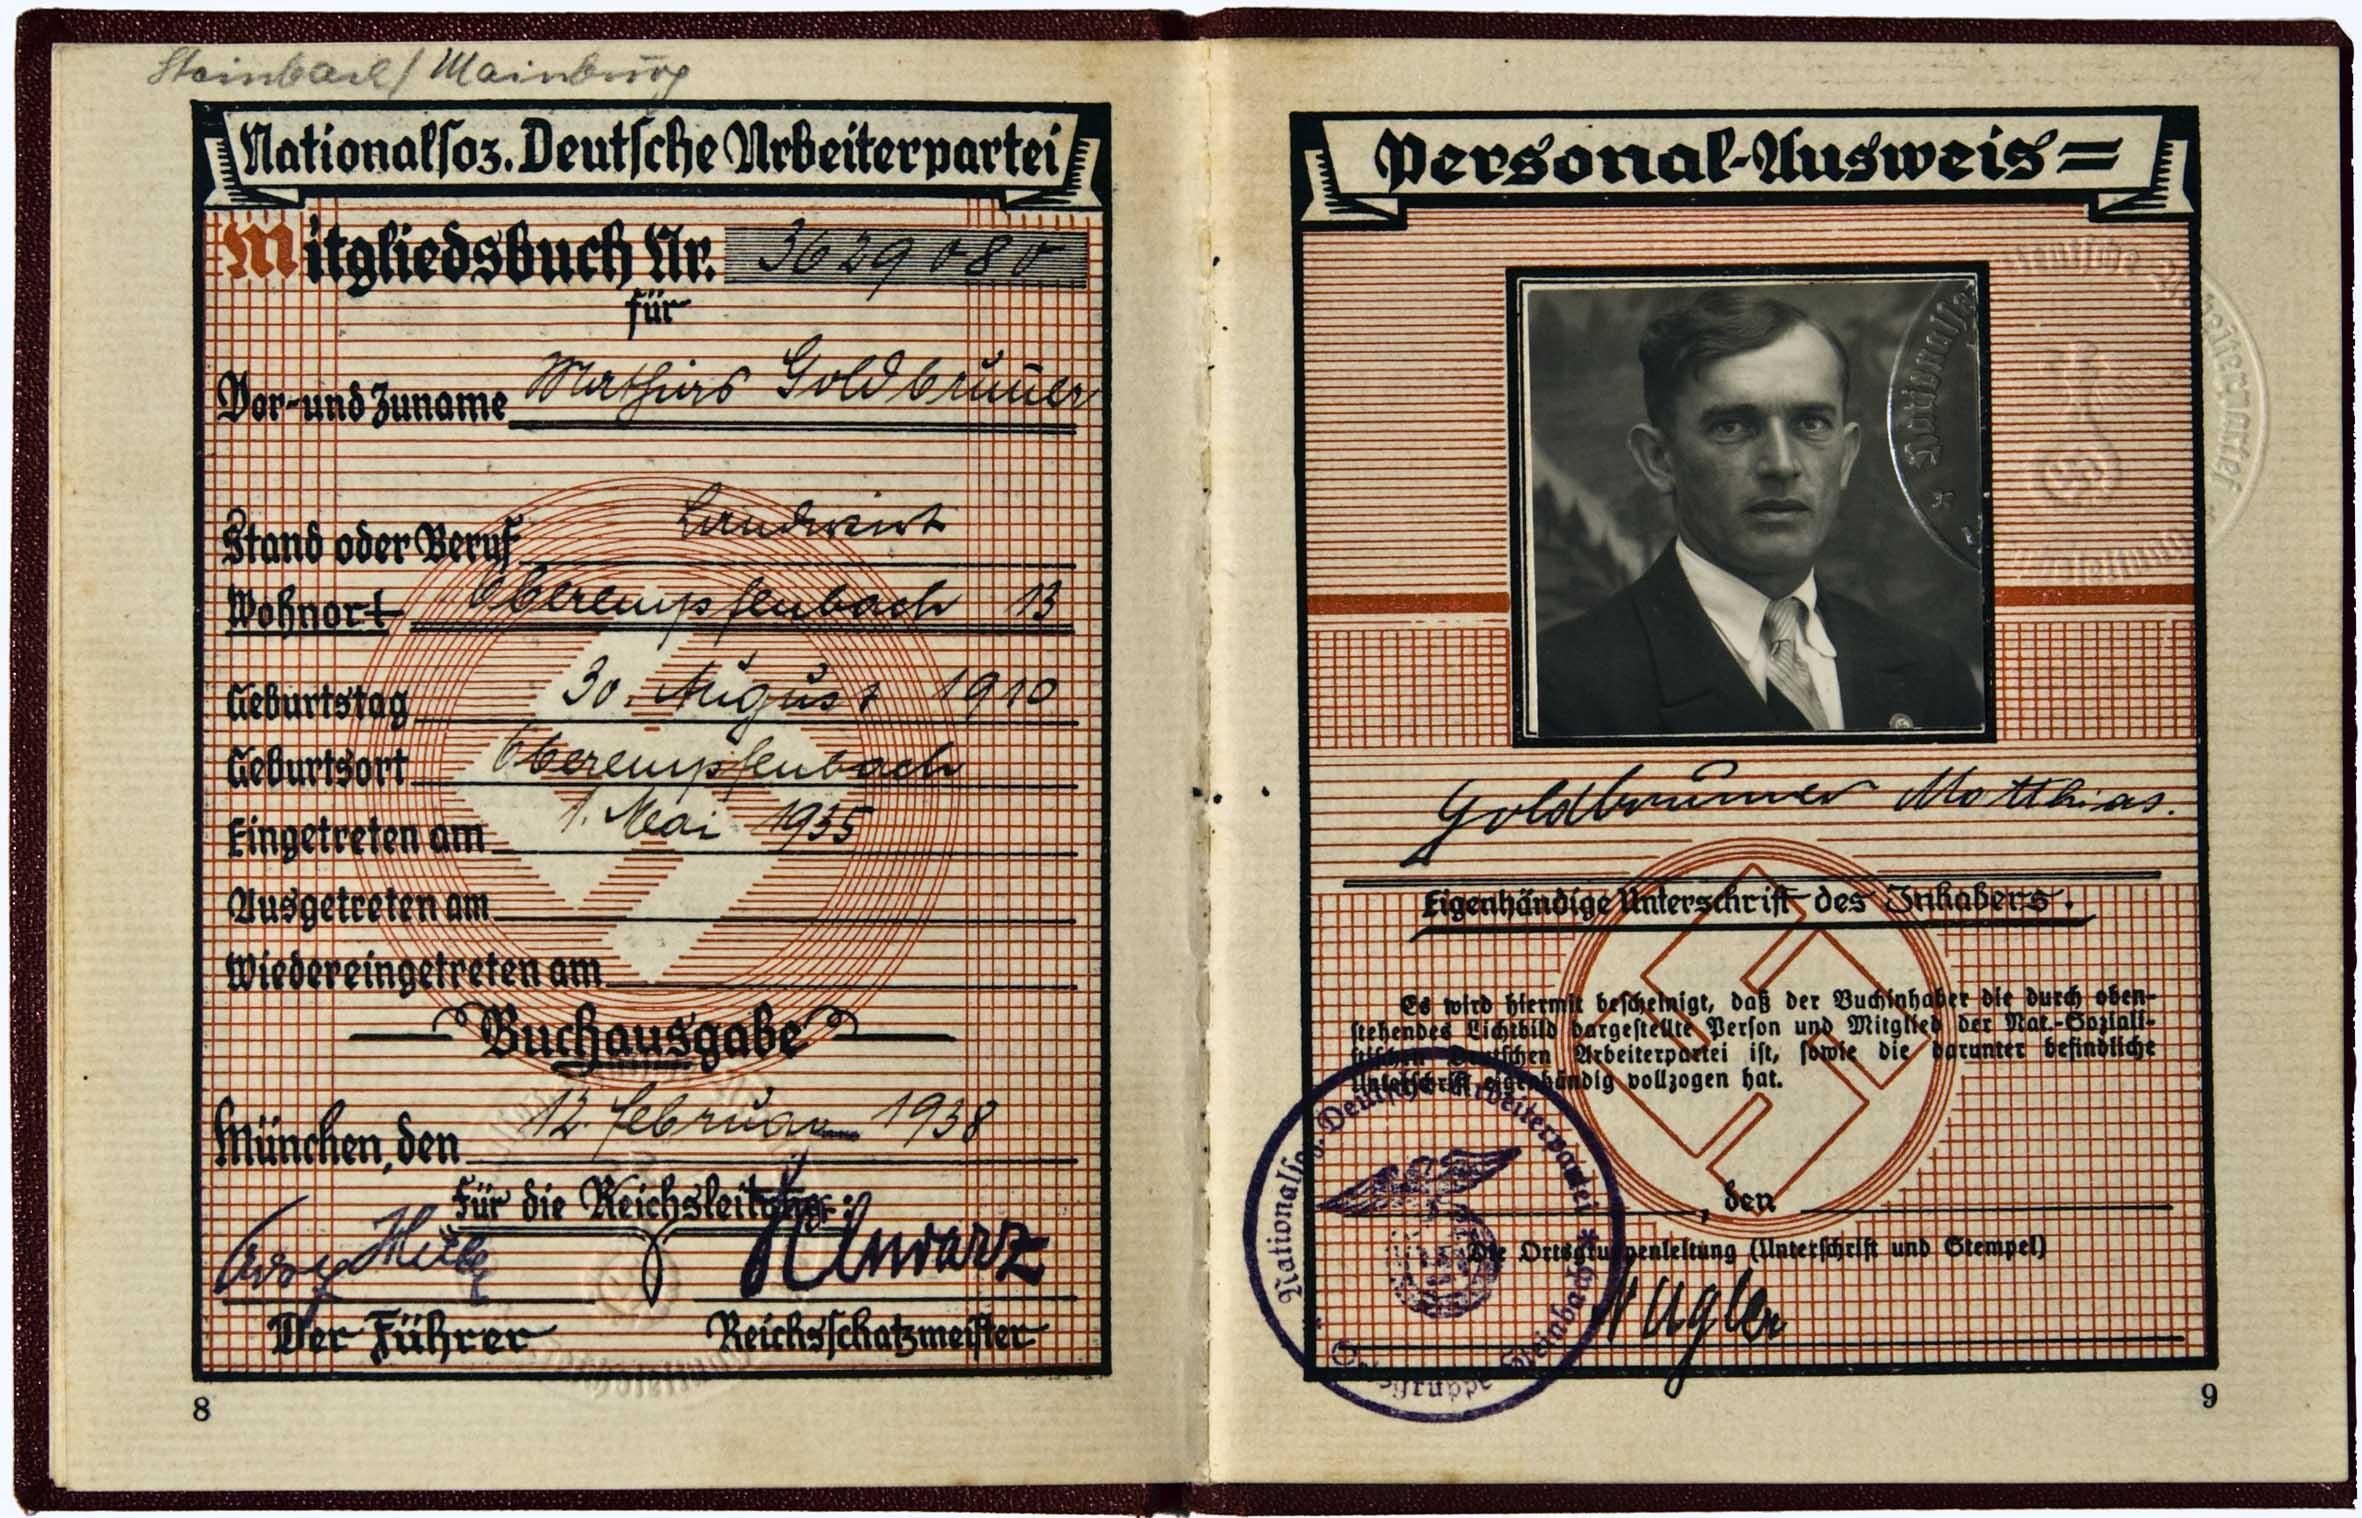 Член германской фаштстской партии